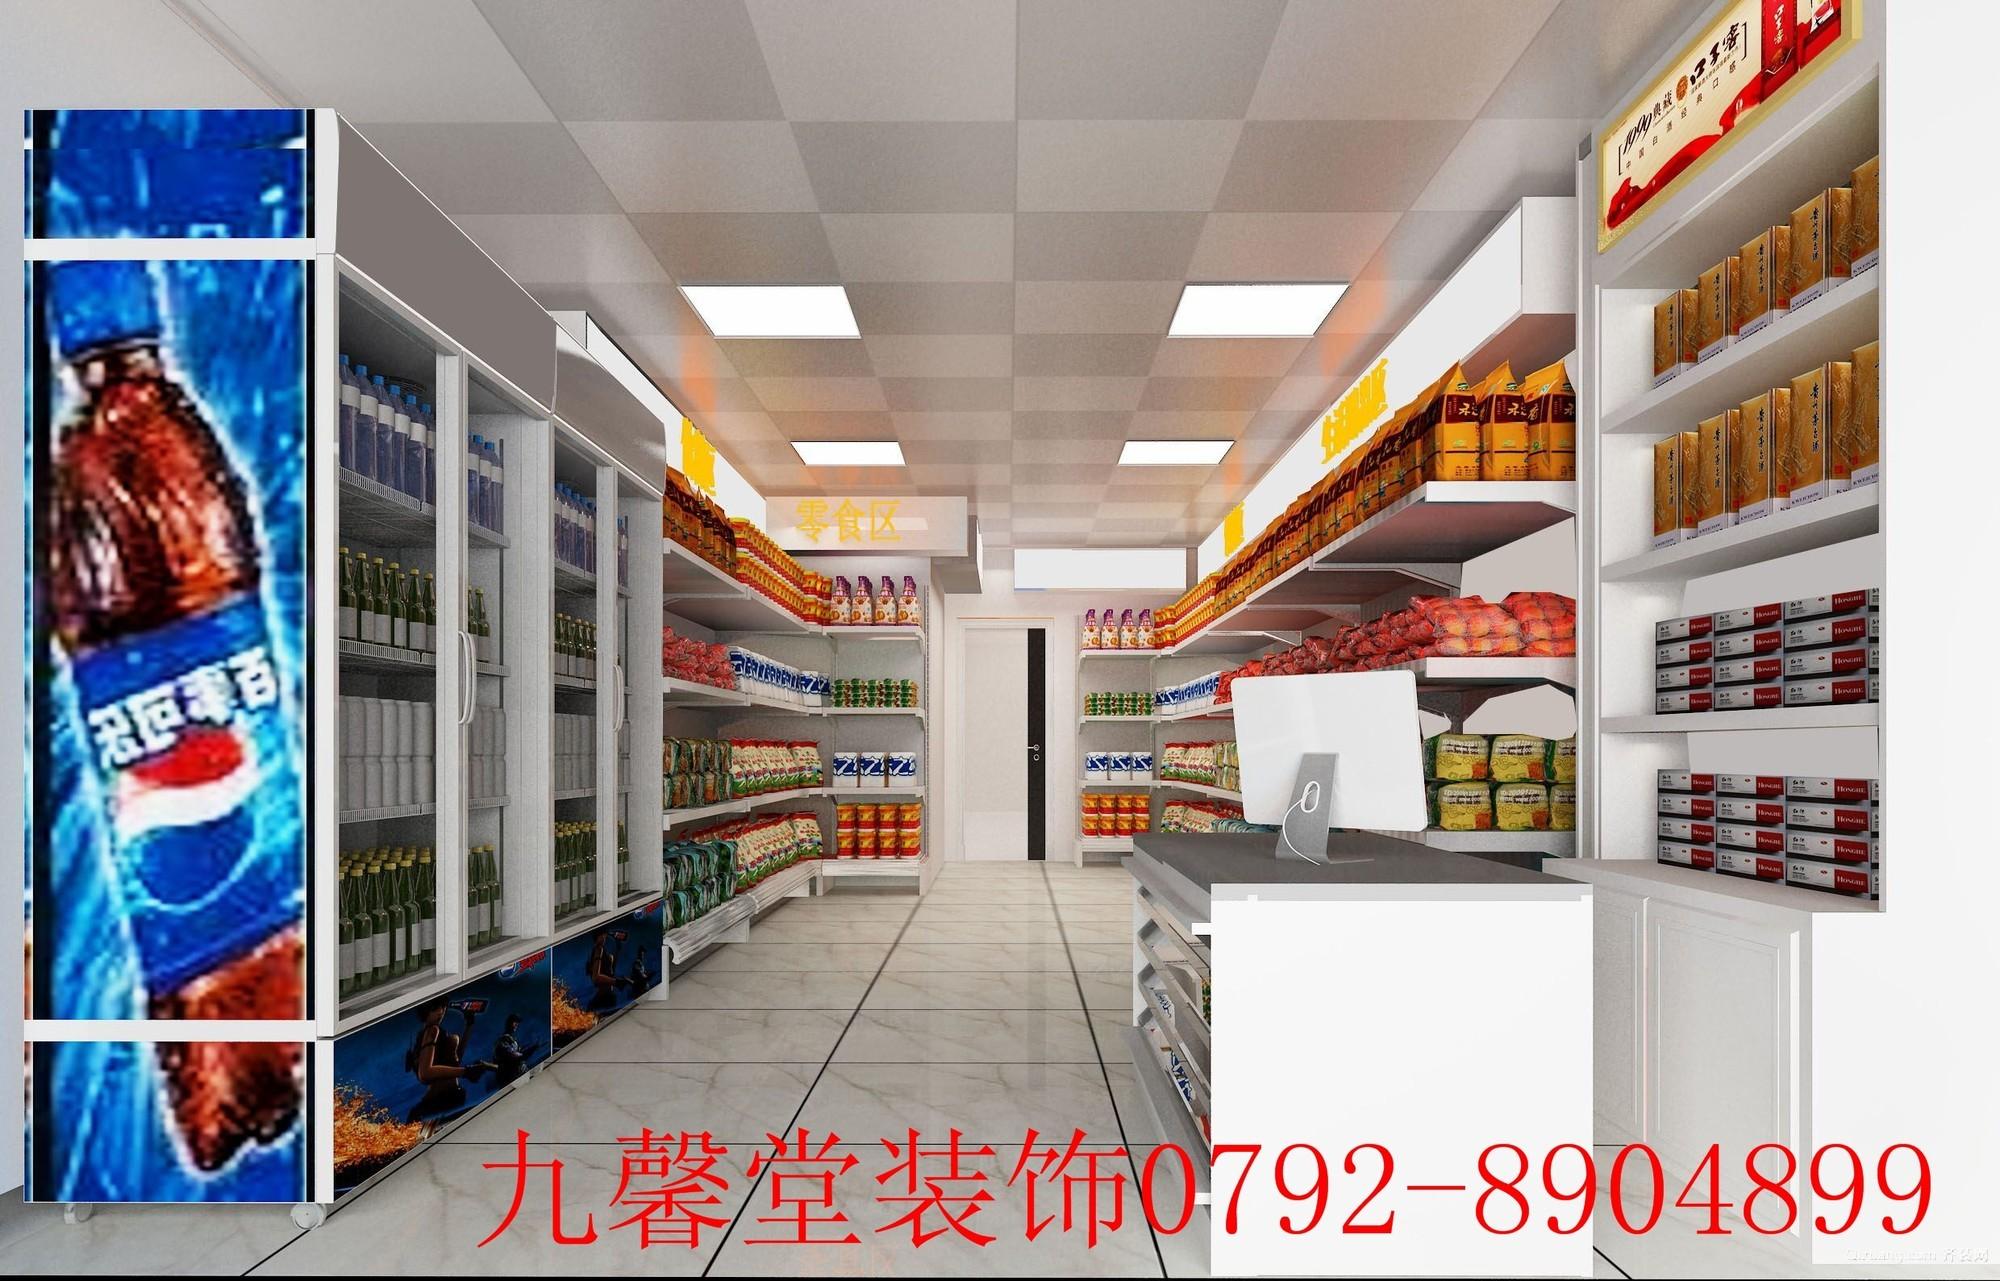 妙派连锁超市其他装修效果图实景图